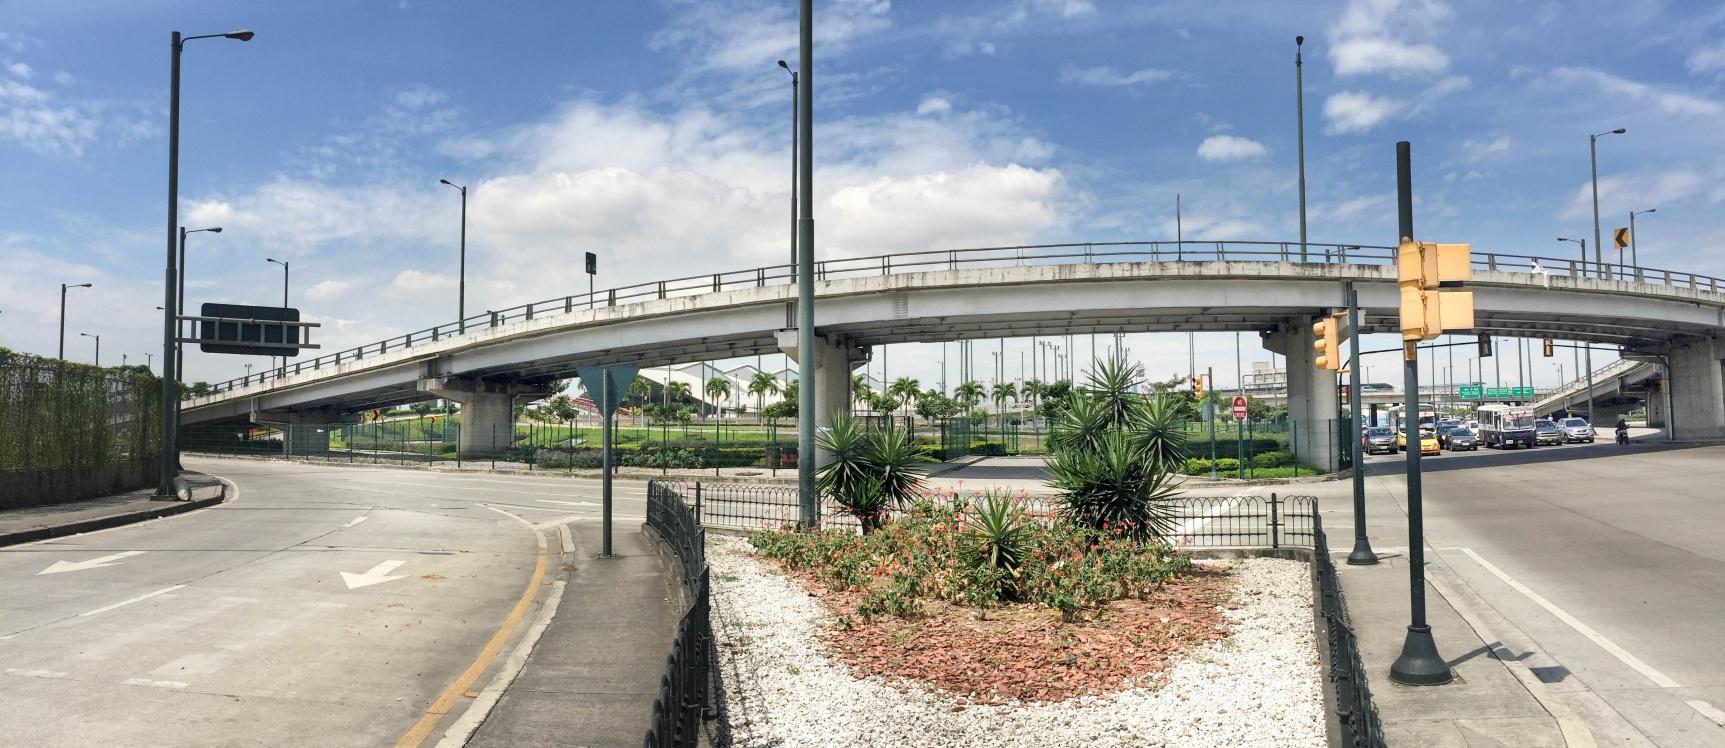 GeoBienes - Terreno comercial en venta en Acuarela del Río Guayaquil - Plusvalia Guayaquil Casas de venta y alquiler Inmobiliaria Ecuador